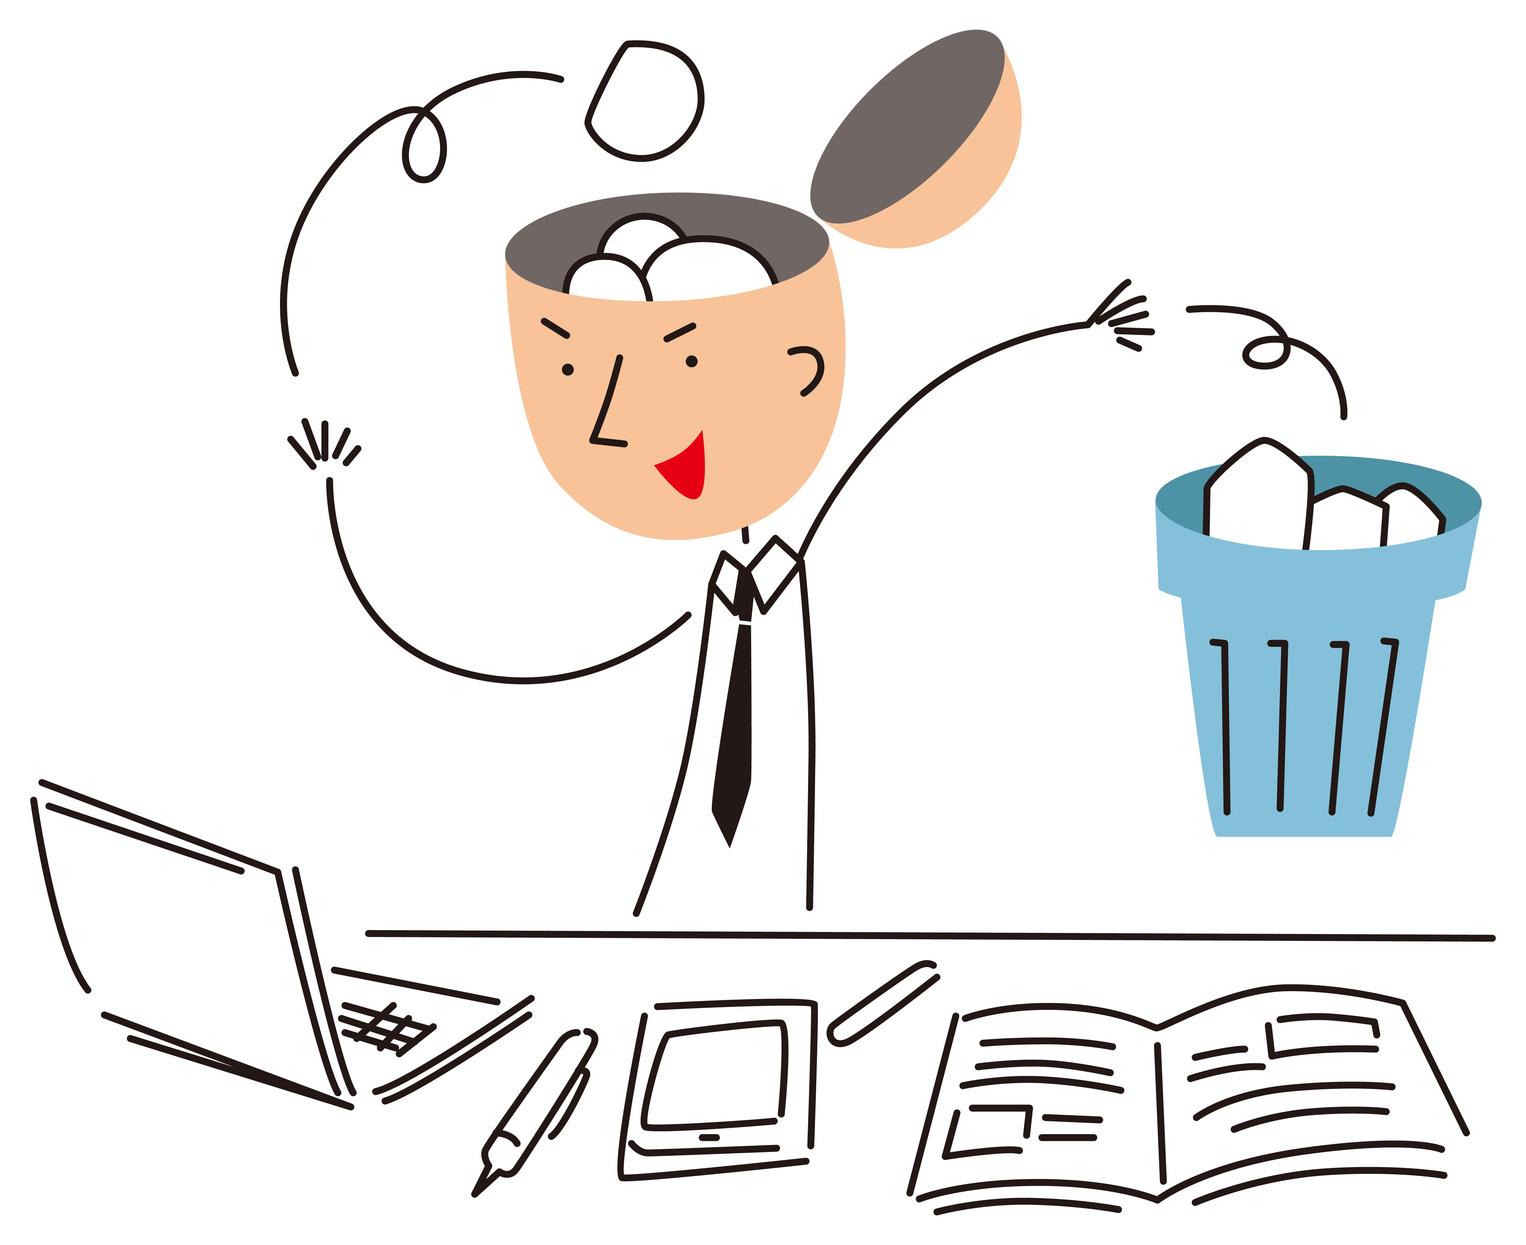 「1日1捨」が最強の整理法である。モノが減って、考え方も洗練される!